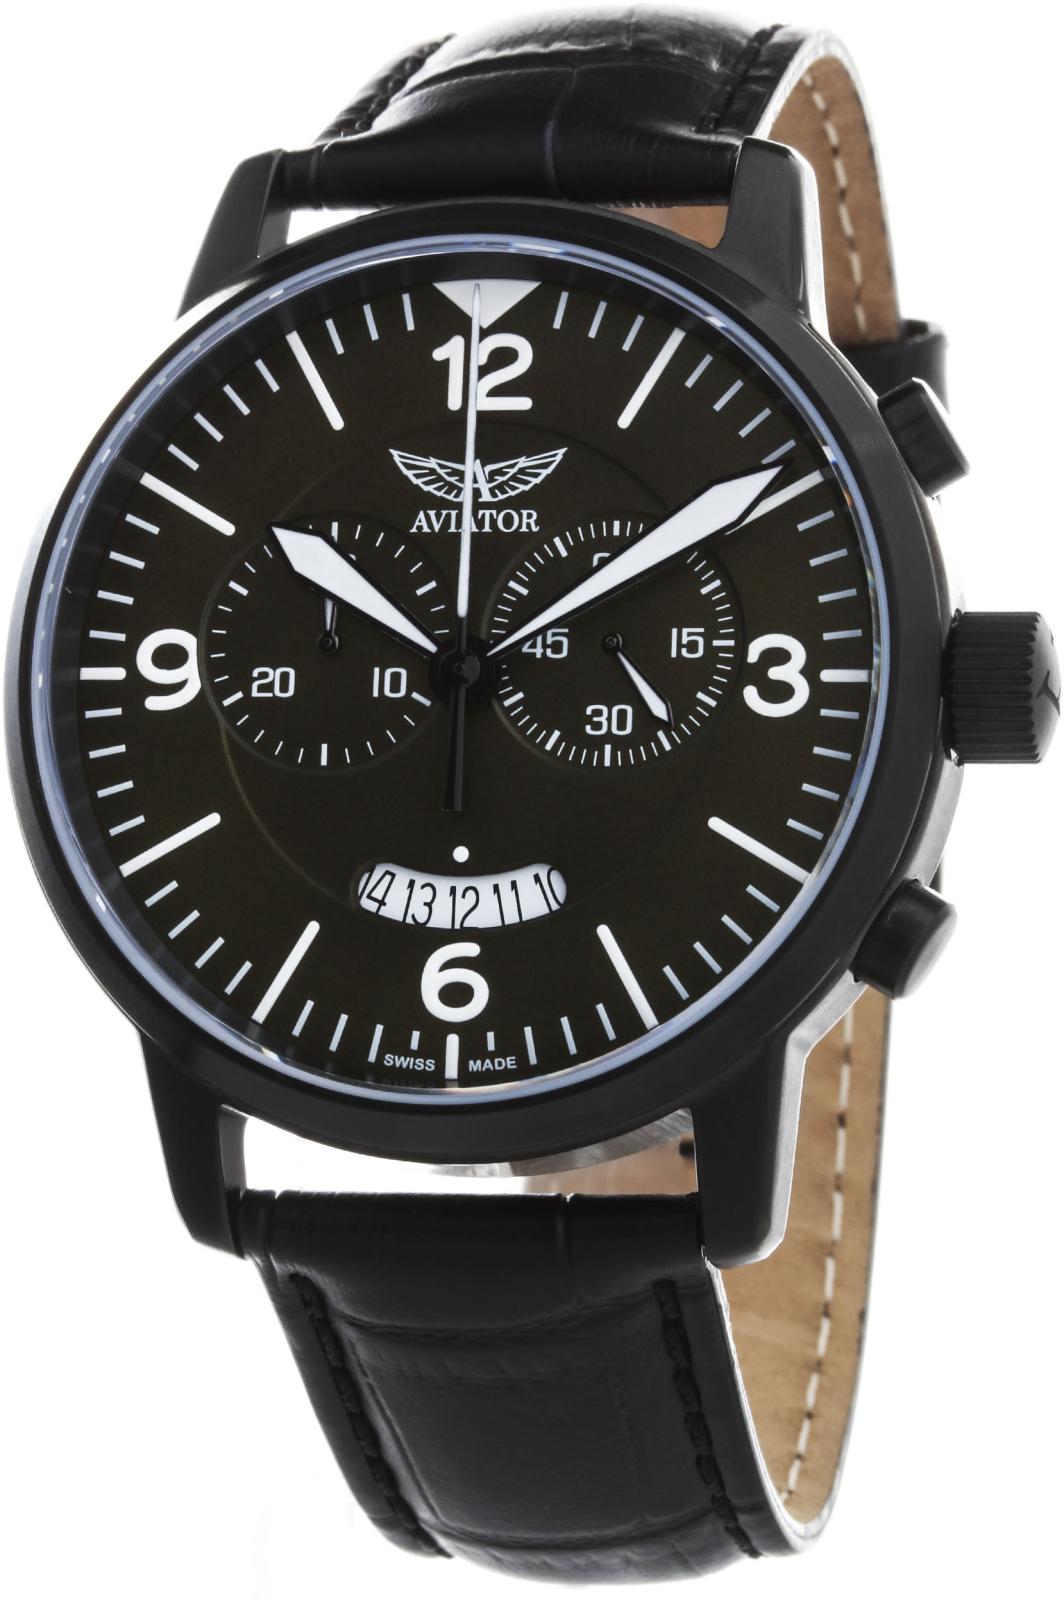 Aviator Airacobra V.2.13.5.076.4Наручные часы<br>Швейцарские часы Aviator Airacobra V.2.13.5.076.4Данная модель — яркий представитель коллекции Airacobra. Это великолепные Мужские часы. Материал корпуса часов — Сталь. Ремень — Кожа. В этой модели стоит Сапфировое стекло. Часы этой модели обладают водозащитой 100 м. Диаметр корпуса часов составляет 45мм.<br><br>Пол: Мужские<br>Страна-производитель: Швейцария<br>Механизм: Кварцевый<br>Материал корпуса: Сталь<br>Материал ремня/браслета: Кожа<br>Водозащита, диапазон: 100 - 150 м<br>Стекло: Сапфировое<br>Толщина корпуса: None<br>Стиль: None